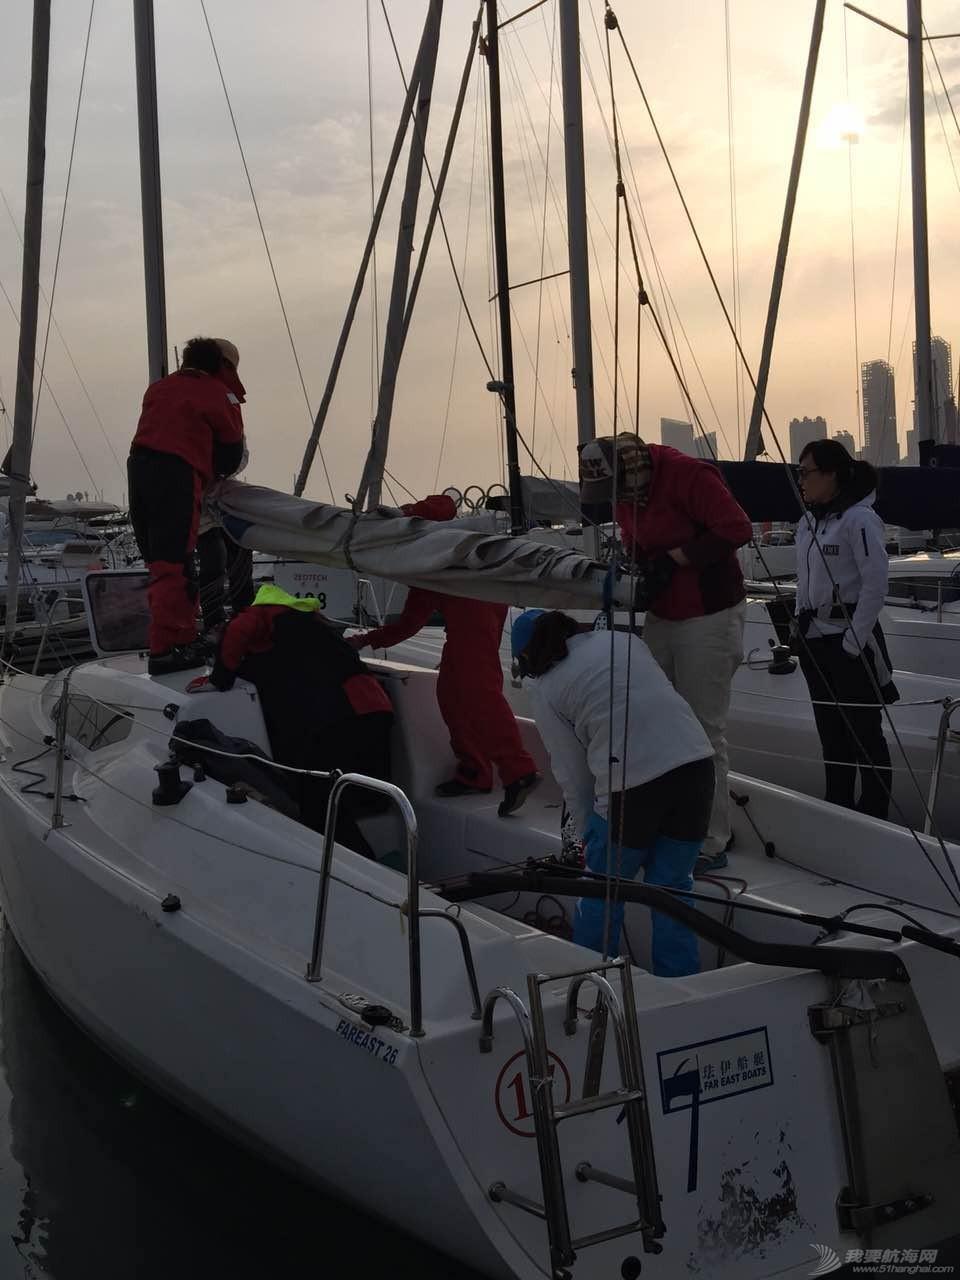 中国女子,退役运动员,联合国,帆船运动,青岛市 中国最牛女子帆船队 IMG_8117.JPG